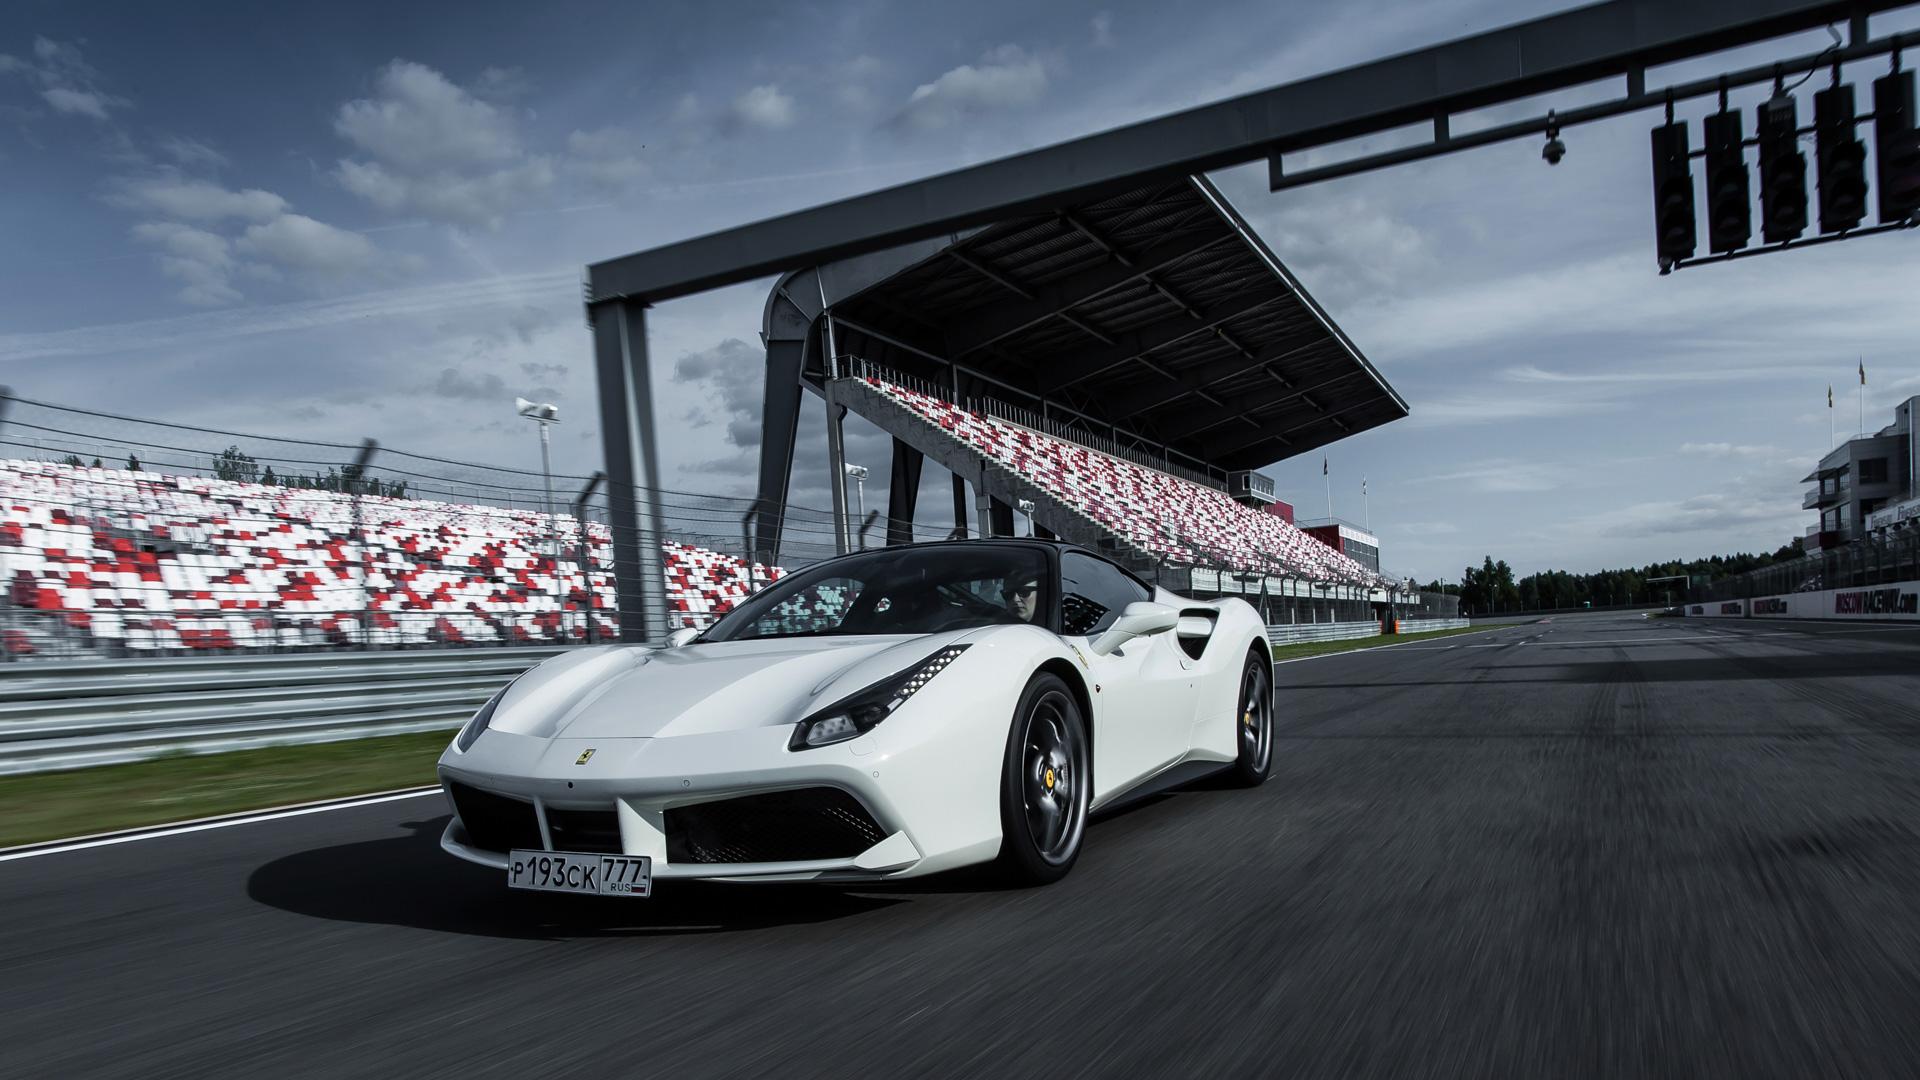 Тест-драйв турбо-Ferrari прошлого инастоящего. Часть I: Ferrari 488 GTB. Фото 5